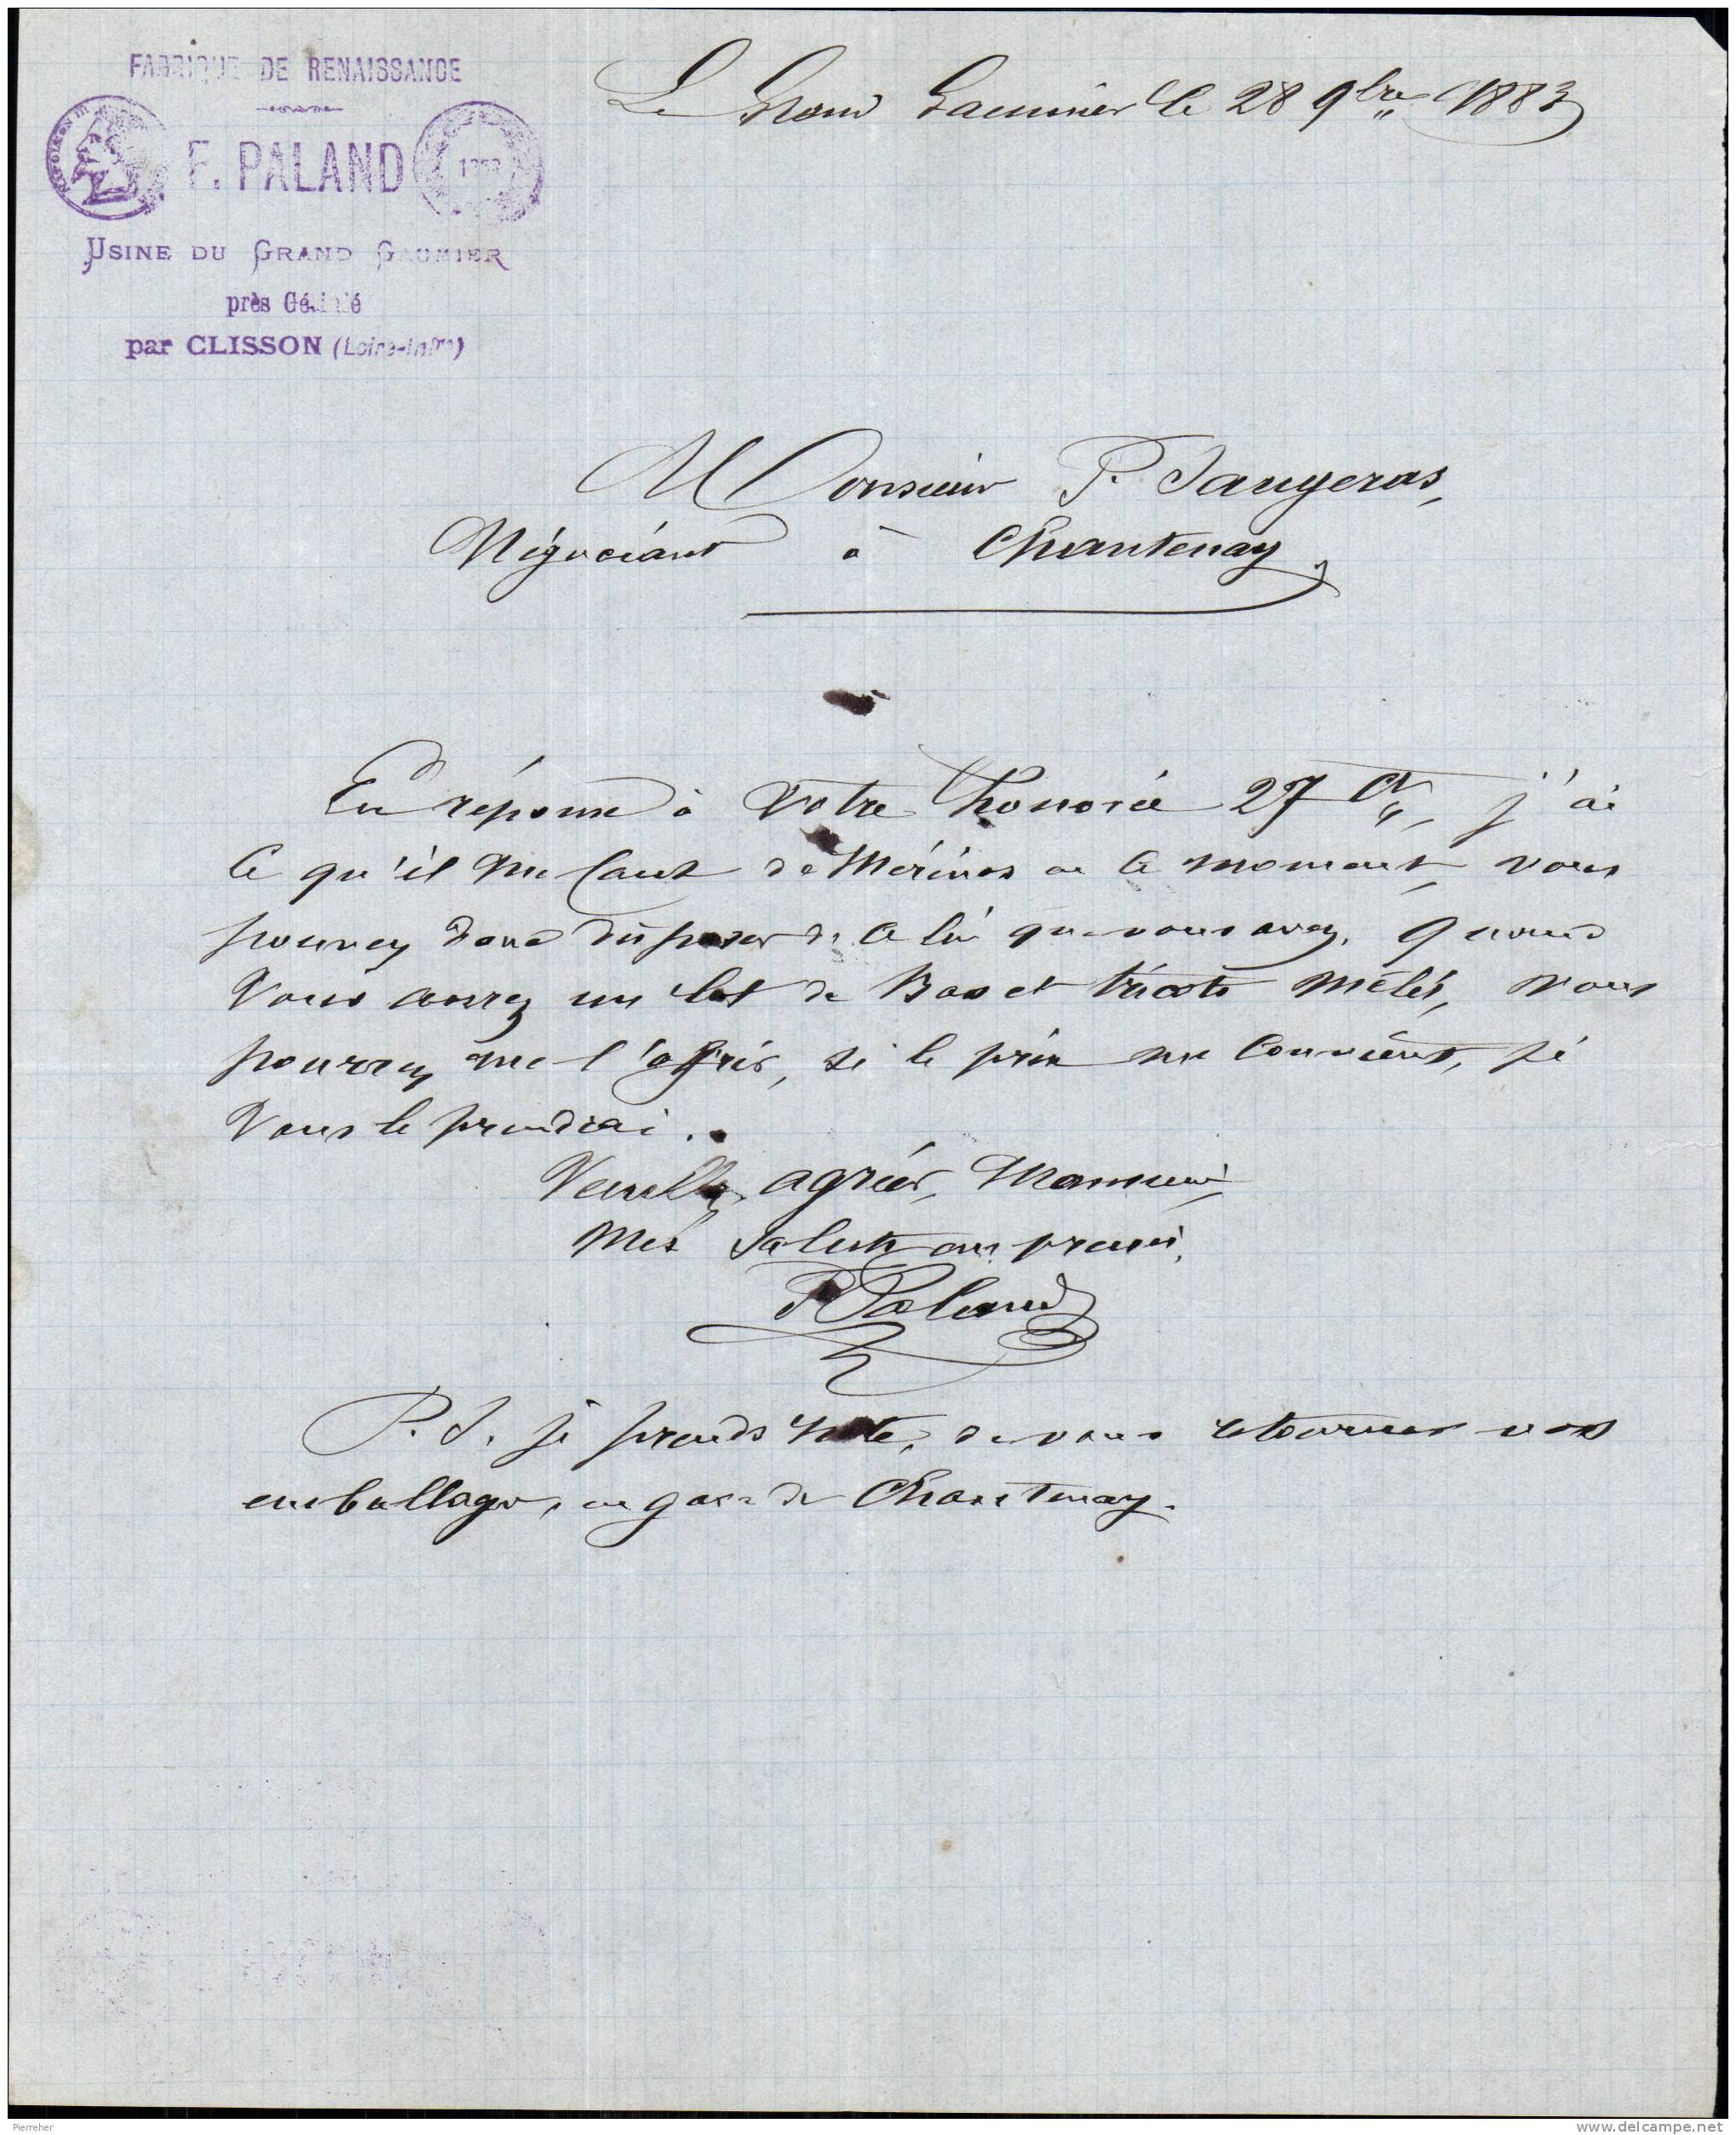 FABRIQUE DE RENAISSANCE F. PALAND USINE DU GRAND GAUMIER PRES GETIGNE PAR CLISSON - LOIRE ATLANTIQUE - 1883 - 1800 – 1899